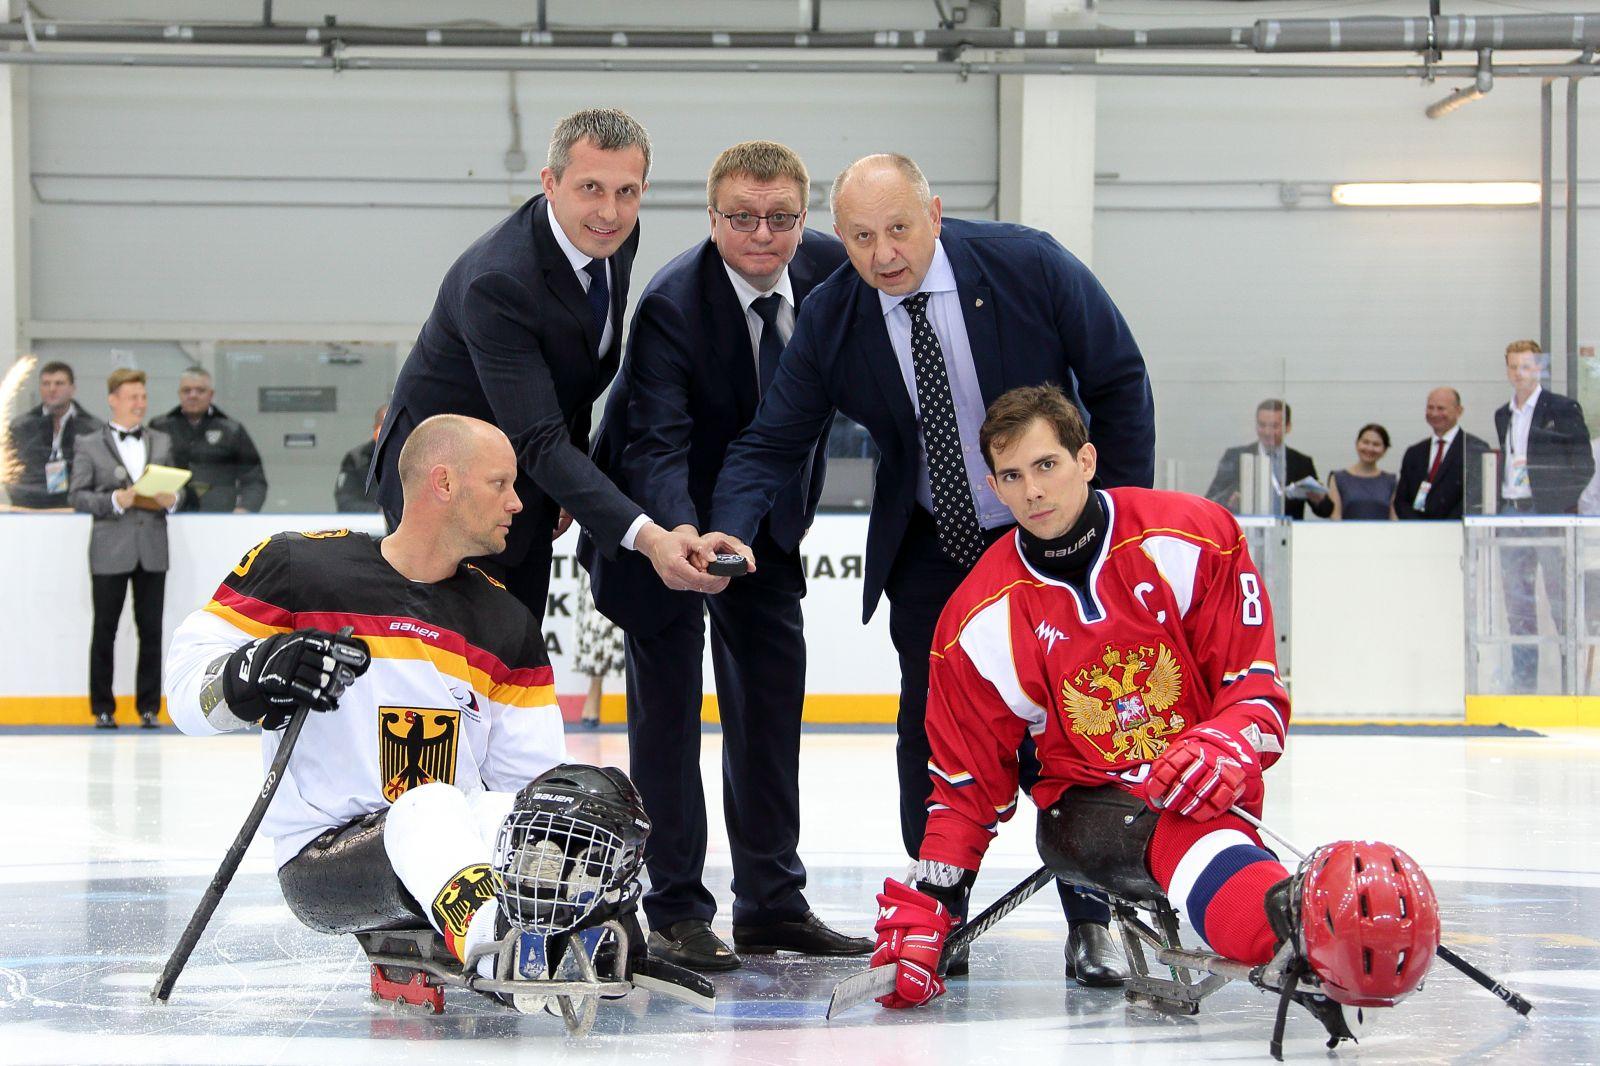 В г. Сочи состоялась церемония открытия и первый соревновательный день Кубка континента по хоккею-следж